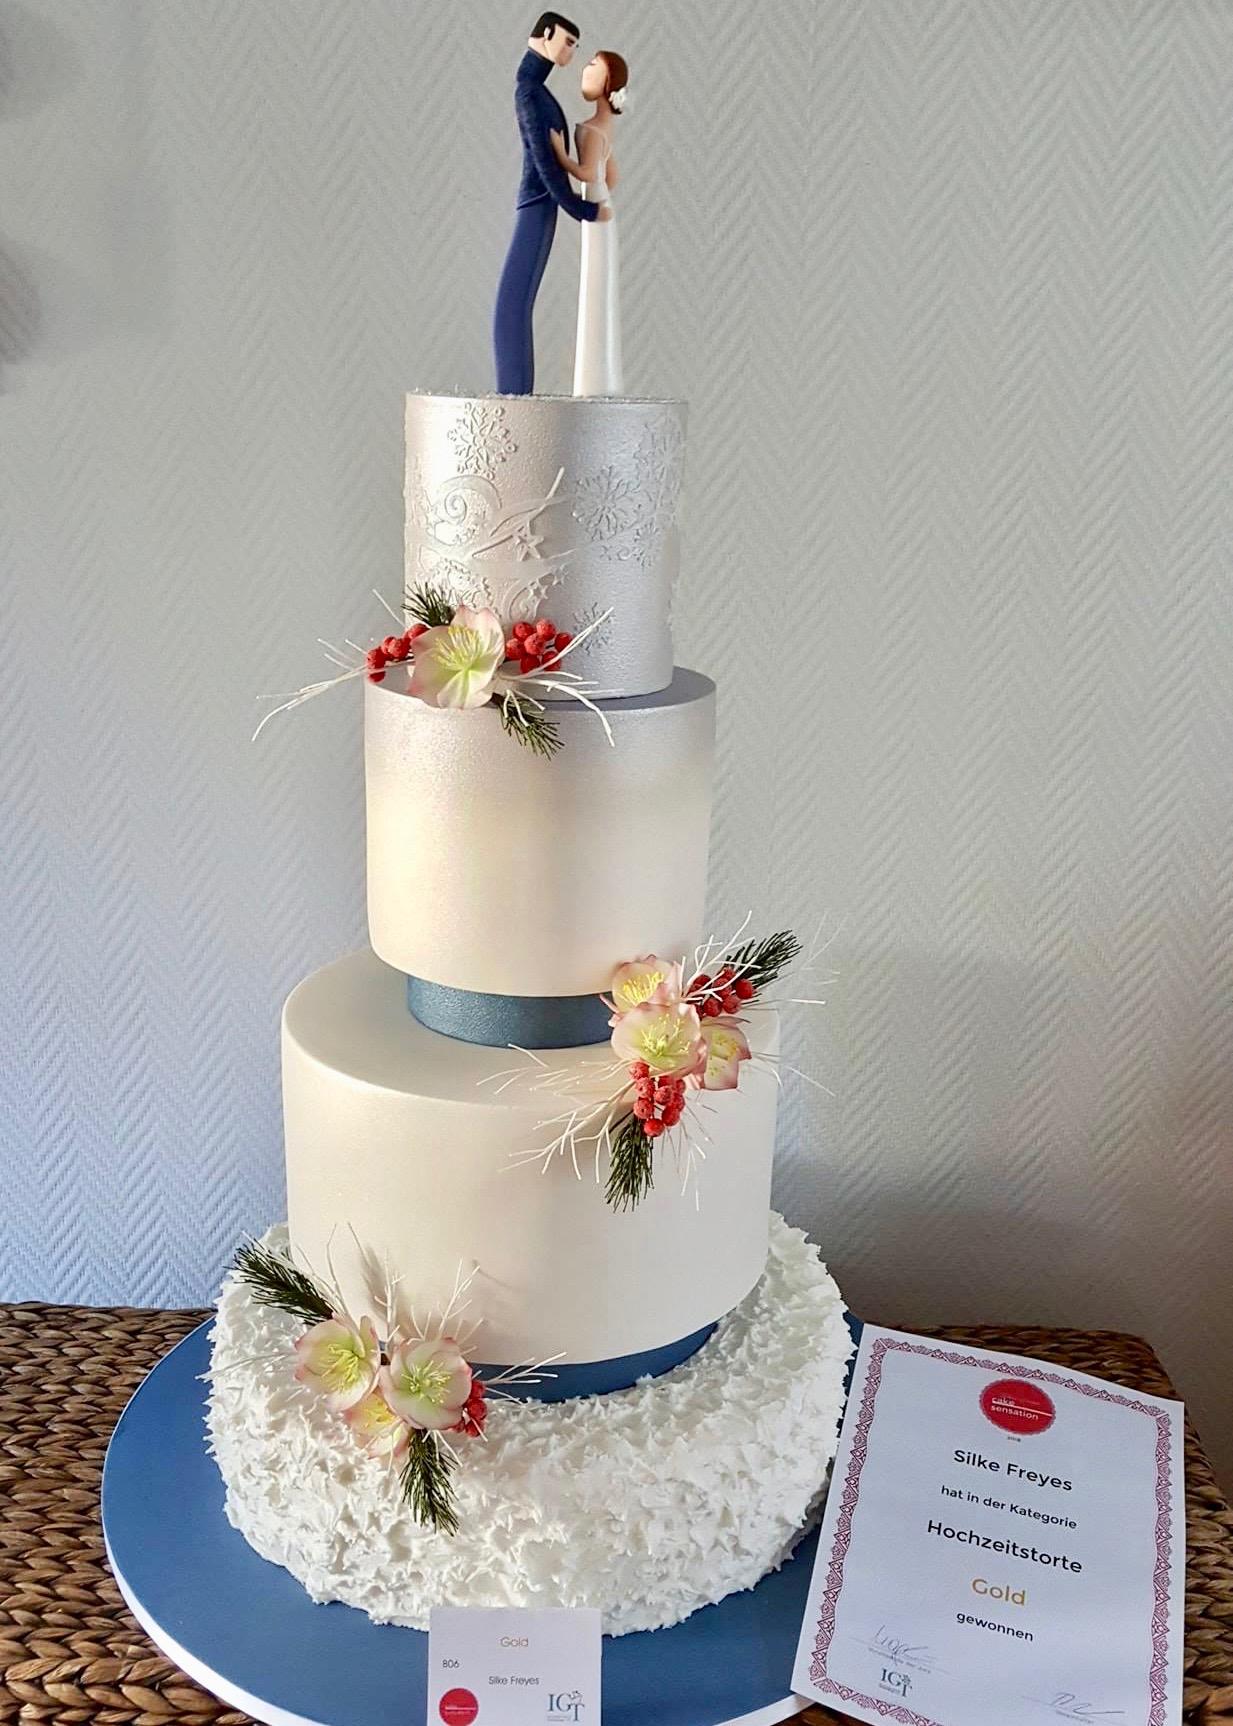 Cake Sensation 2018 Wettbewerbstorte